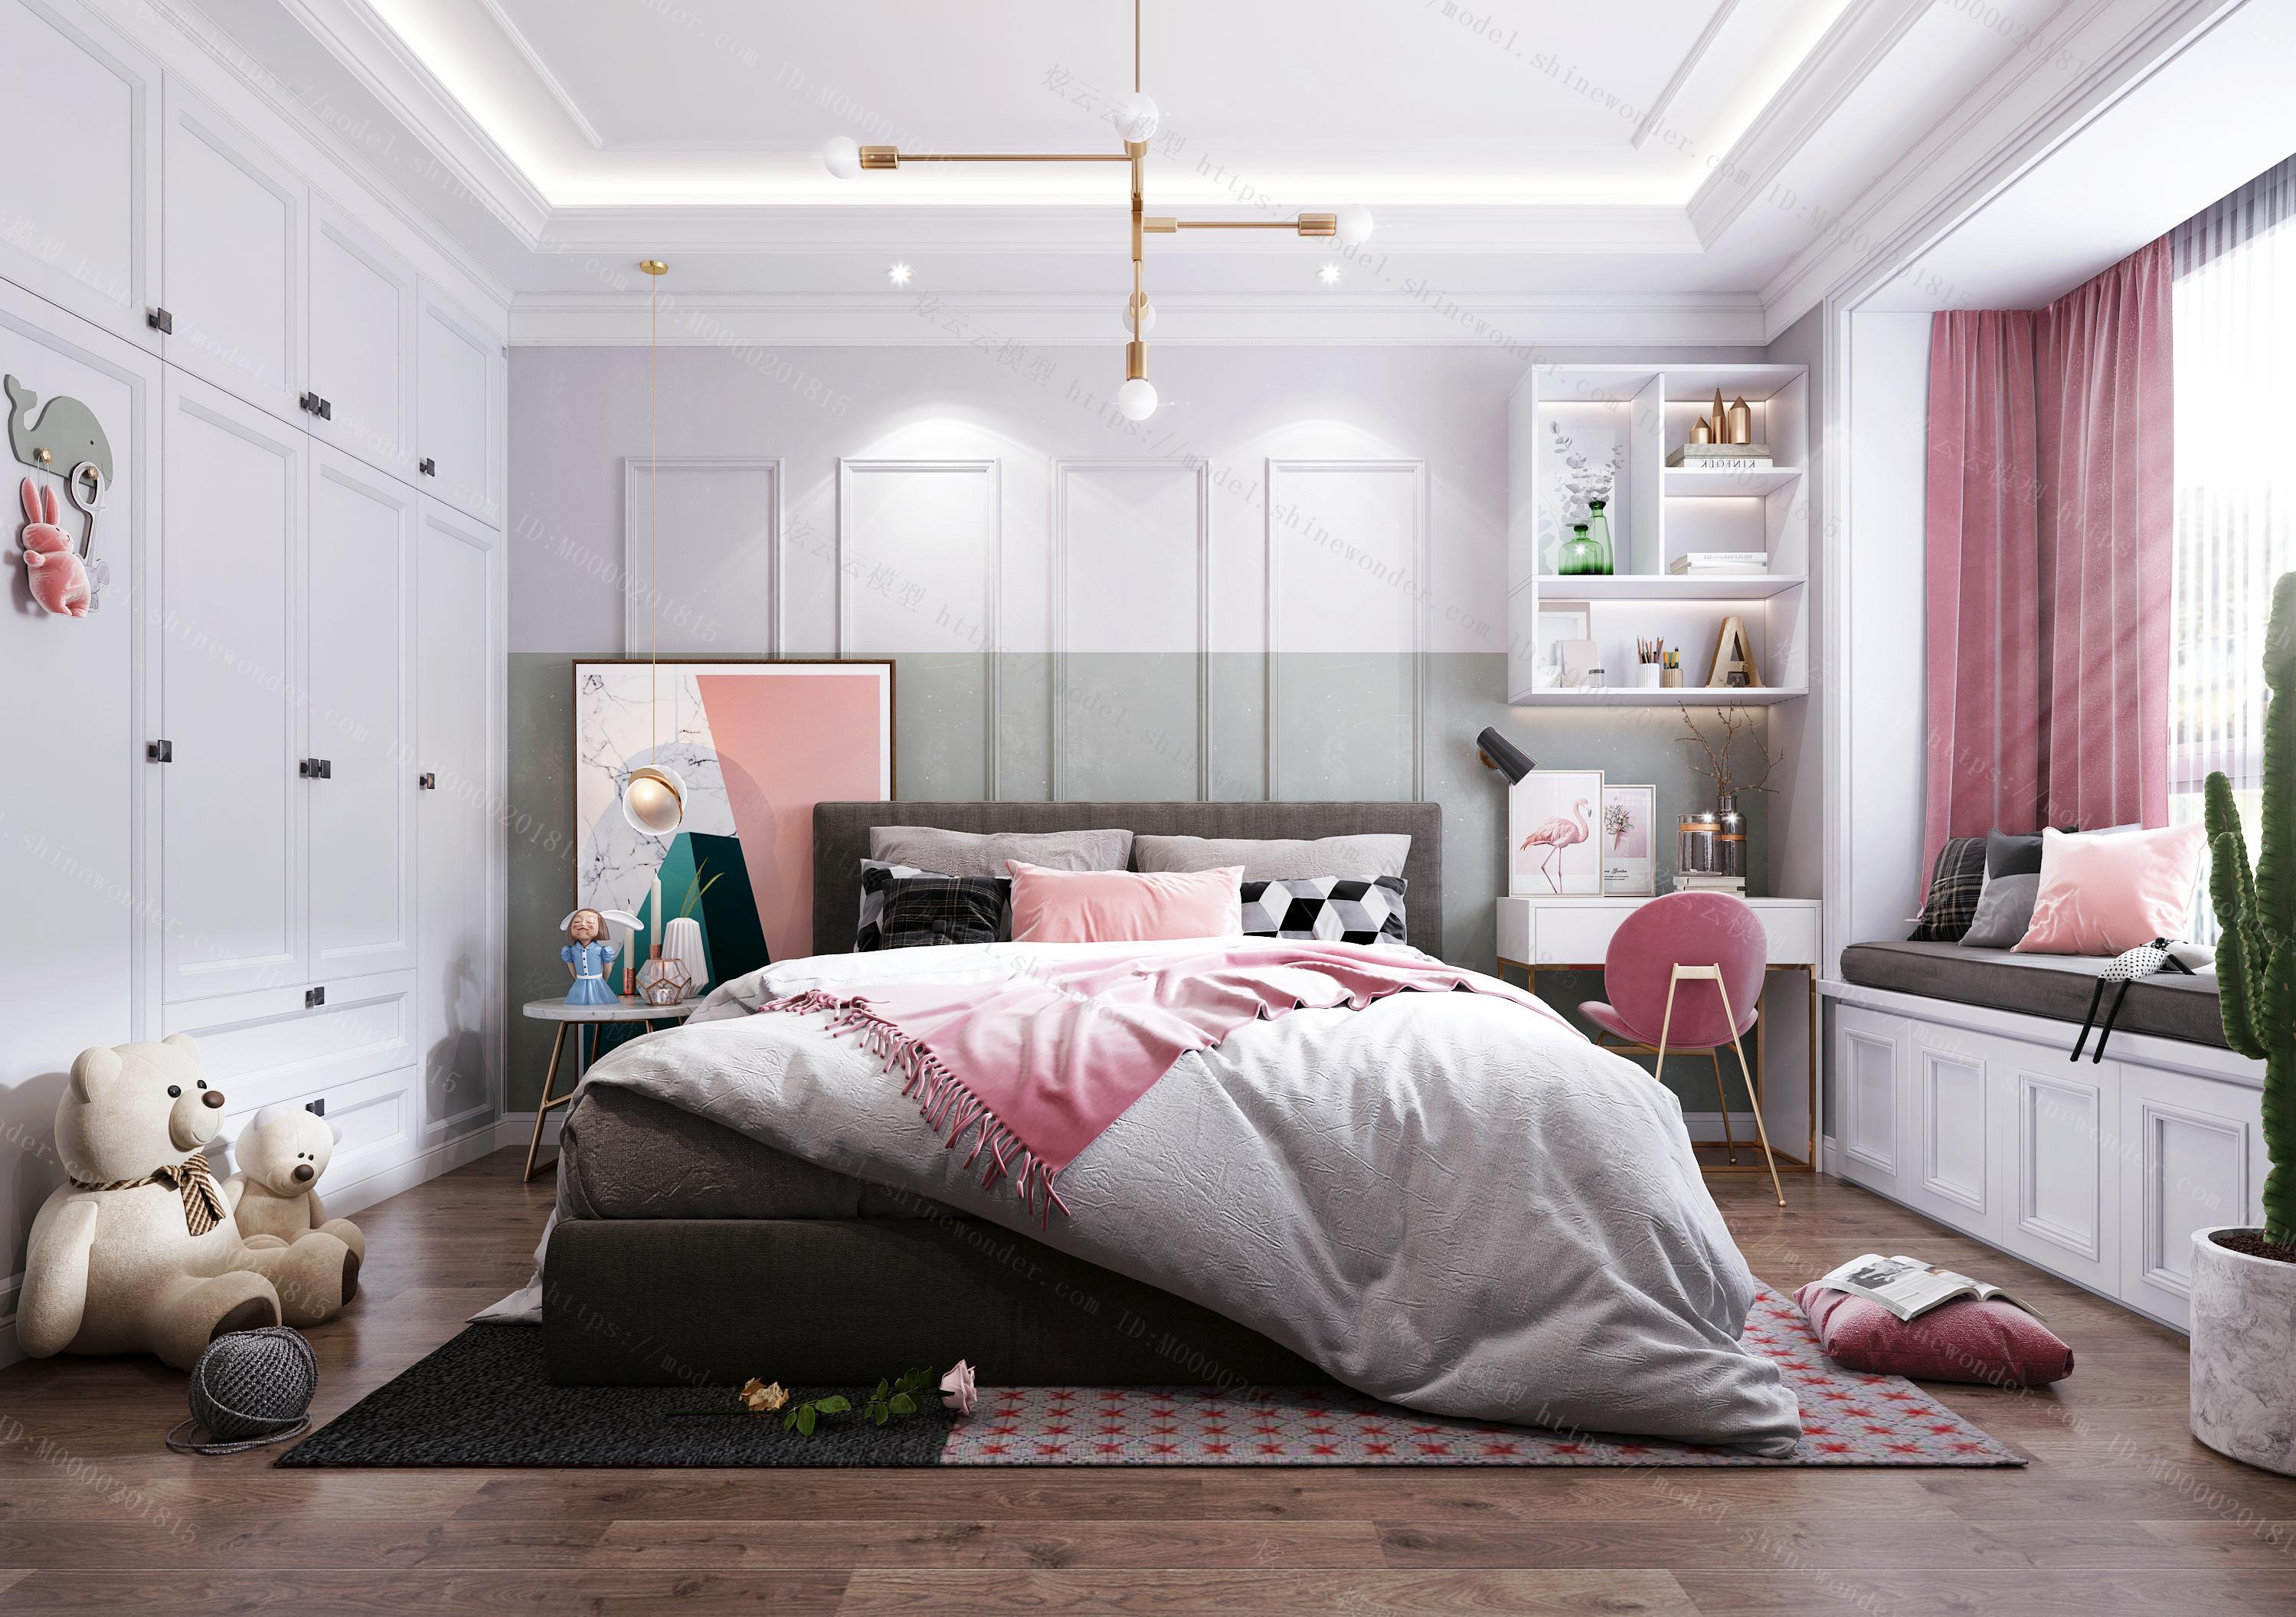 北欧风格女儿房卧室模型